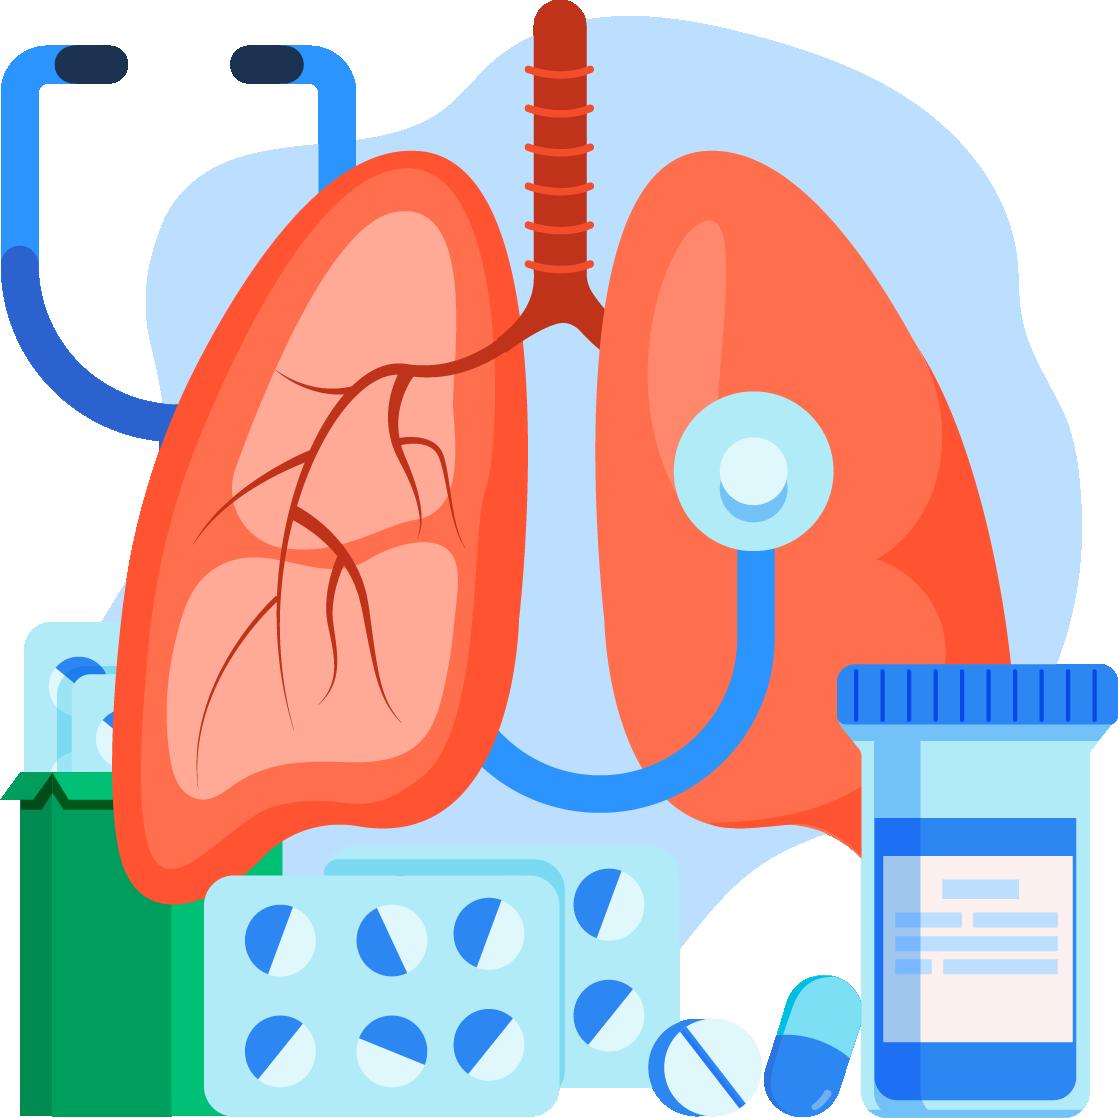 呼吸不順、呼吸困難恐是 COPD 肺阻塞!馬上評估你的 COPD 風險